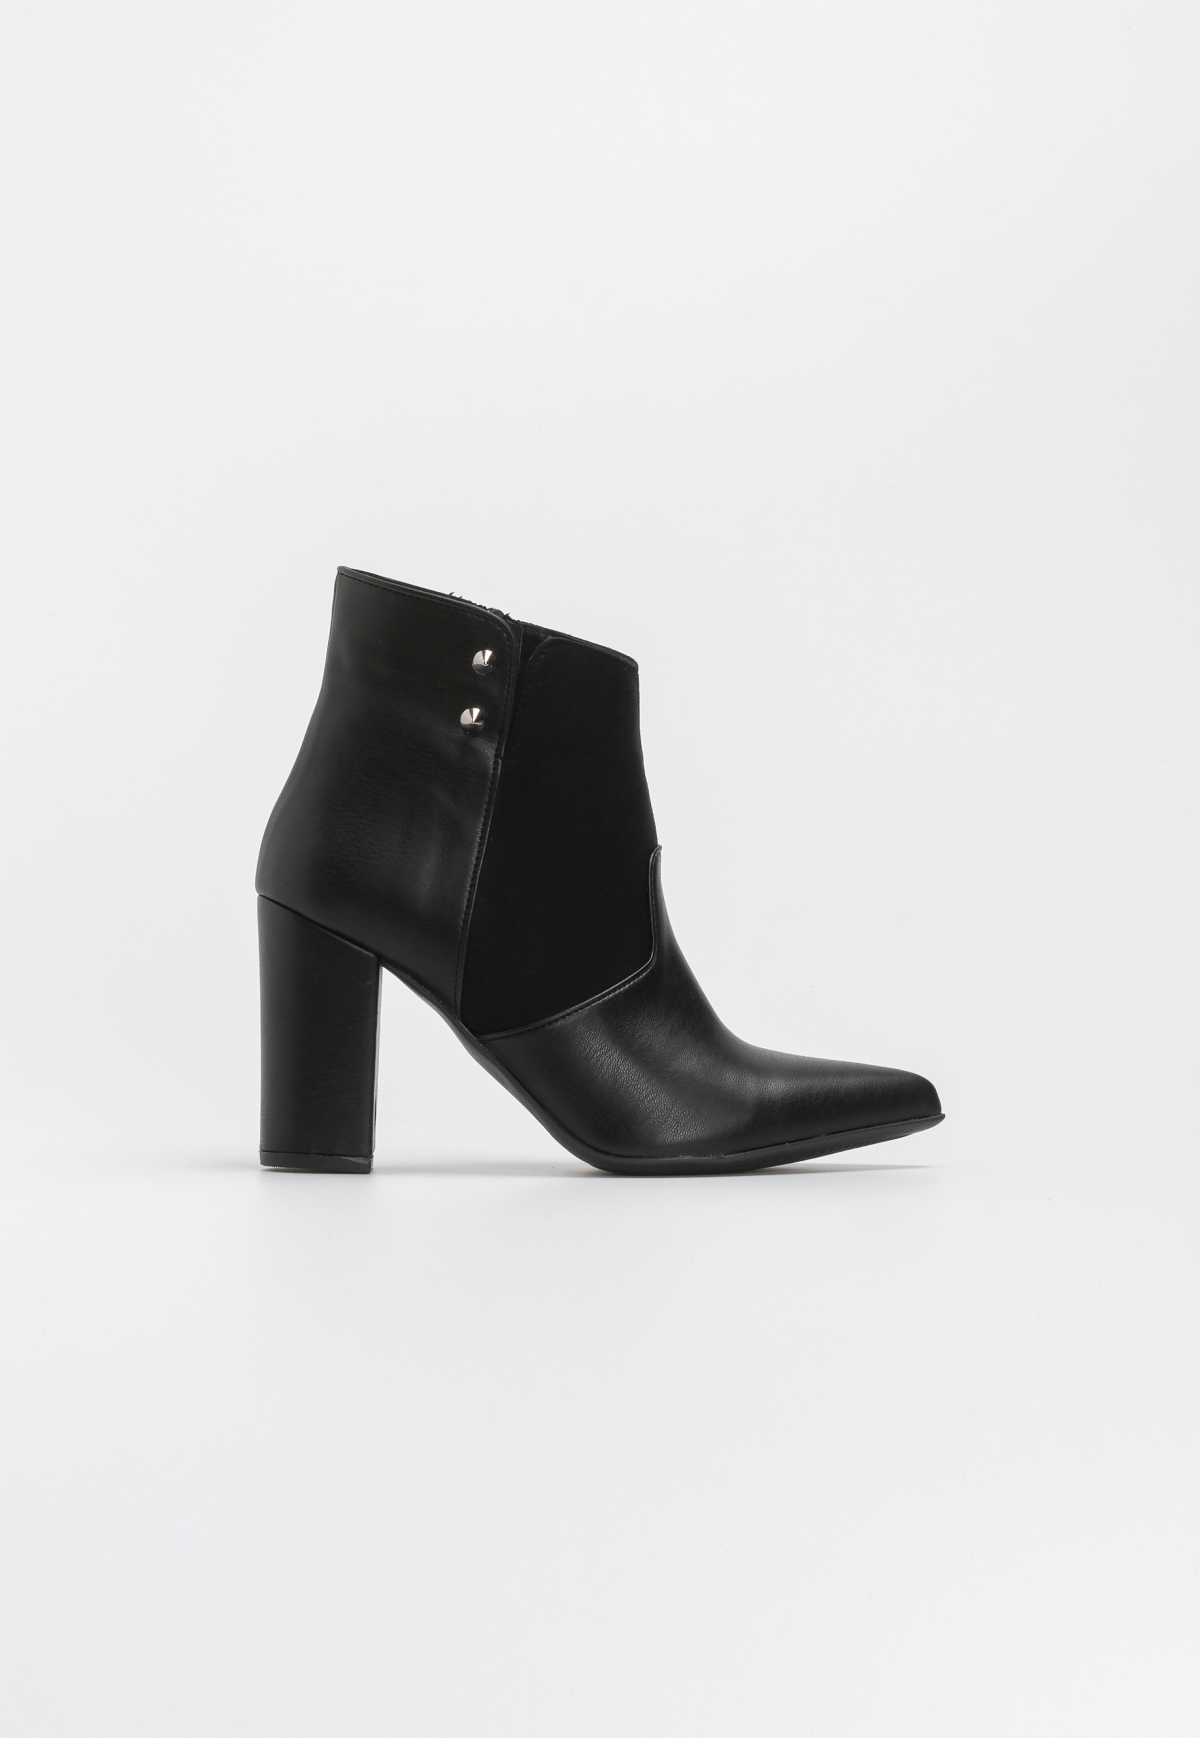 Estil μυτερά ankle boots με καρφιά - Μαύρο